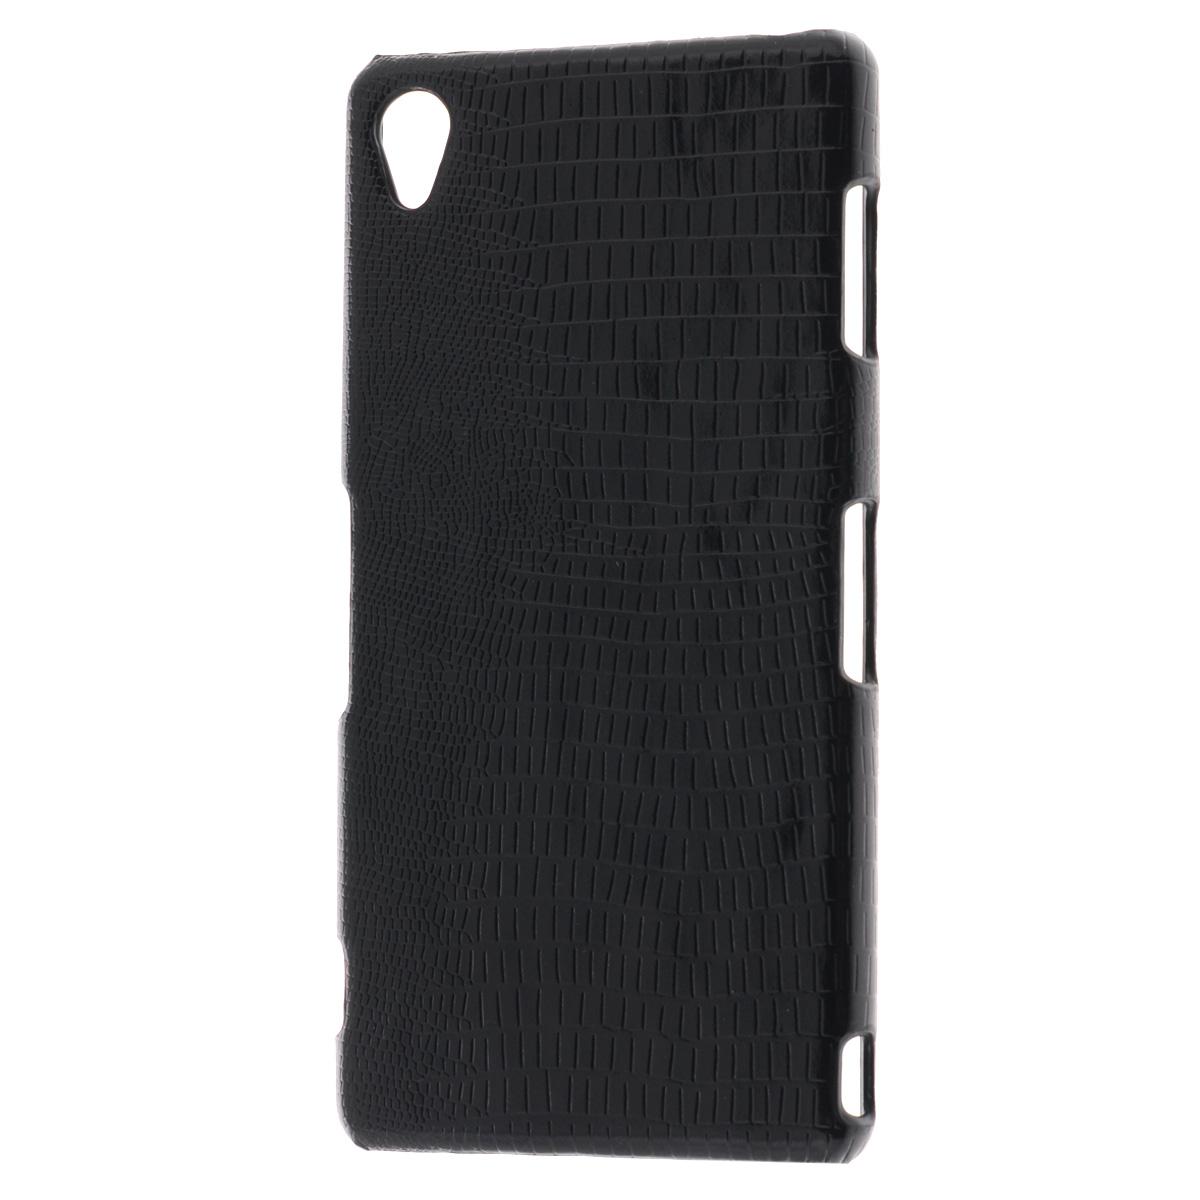 Nexx Wild чехол для Sony Xperia Z3, BlackNX-MB-WD-304-BKNexx Wild - аутентичный экзотический чехол для вашего смартфона. Приятная на ощупь текстура и классические цвета оставят приятное впечатление и подчеркнут ваш особый стиль. Чехол выполнен из качественных материалов и обеспечивает свободный доступ ко всем разъемам устройства.